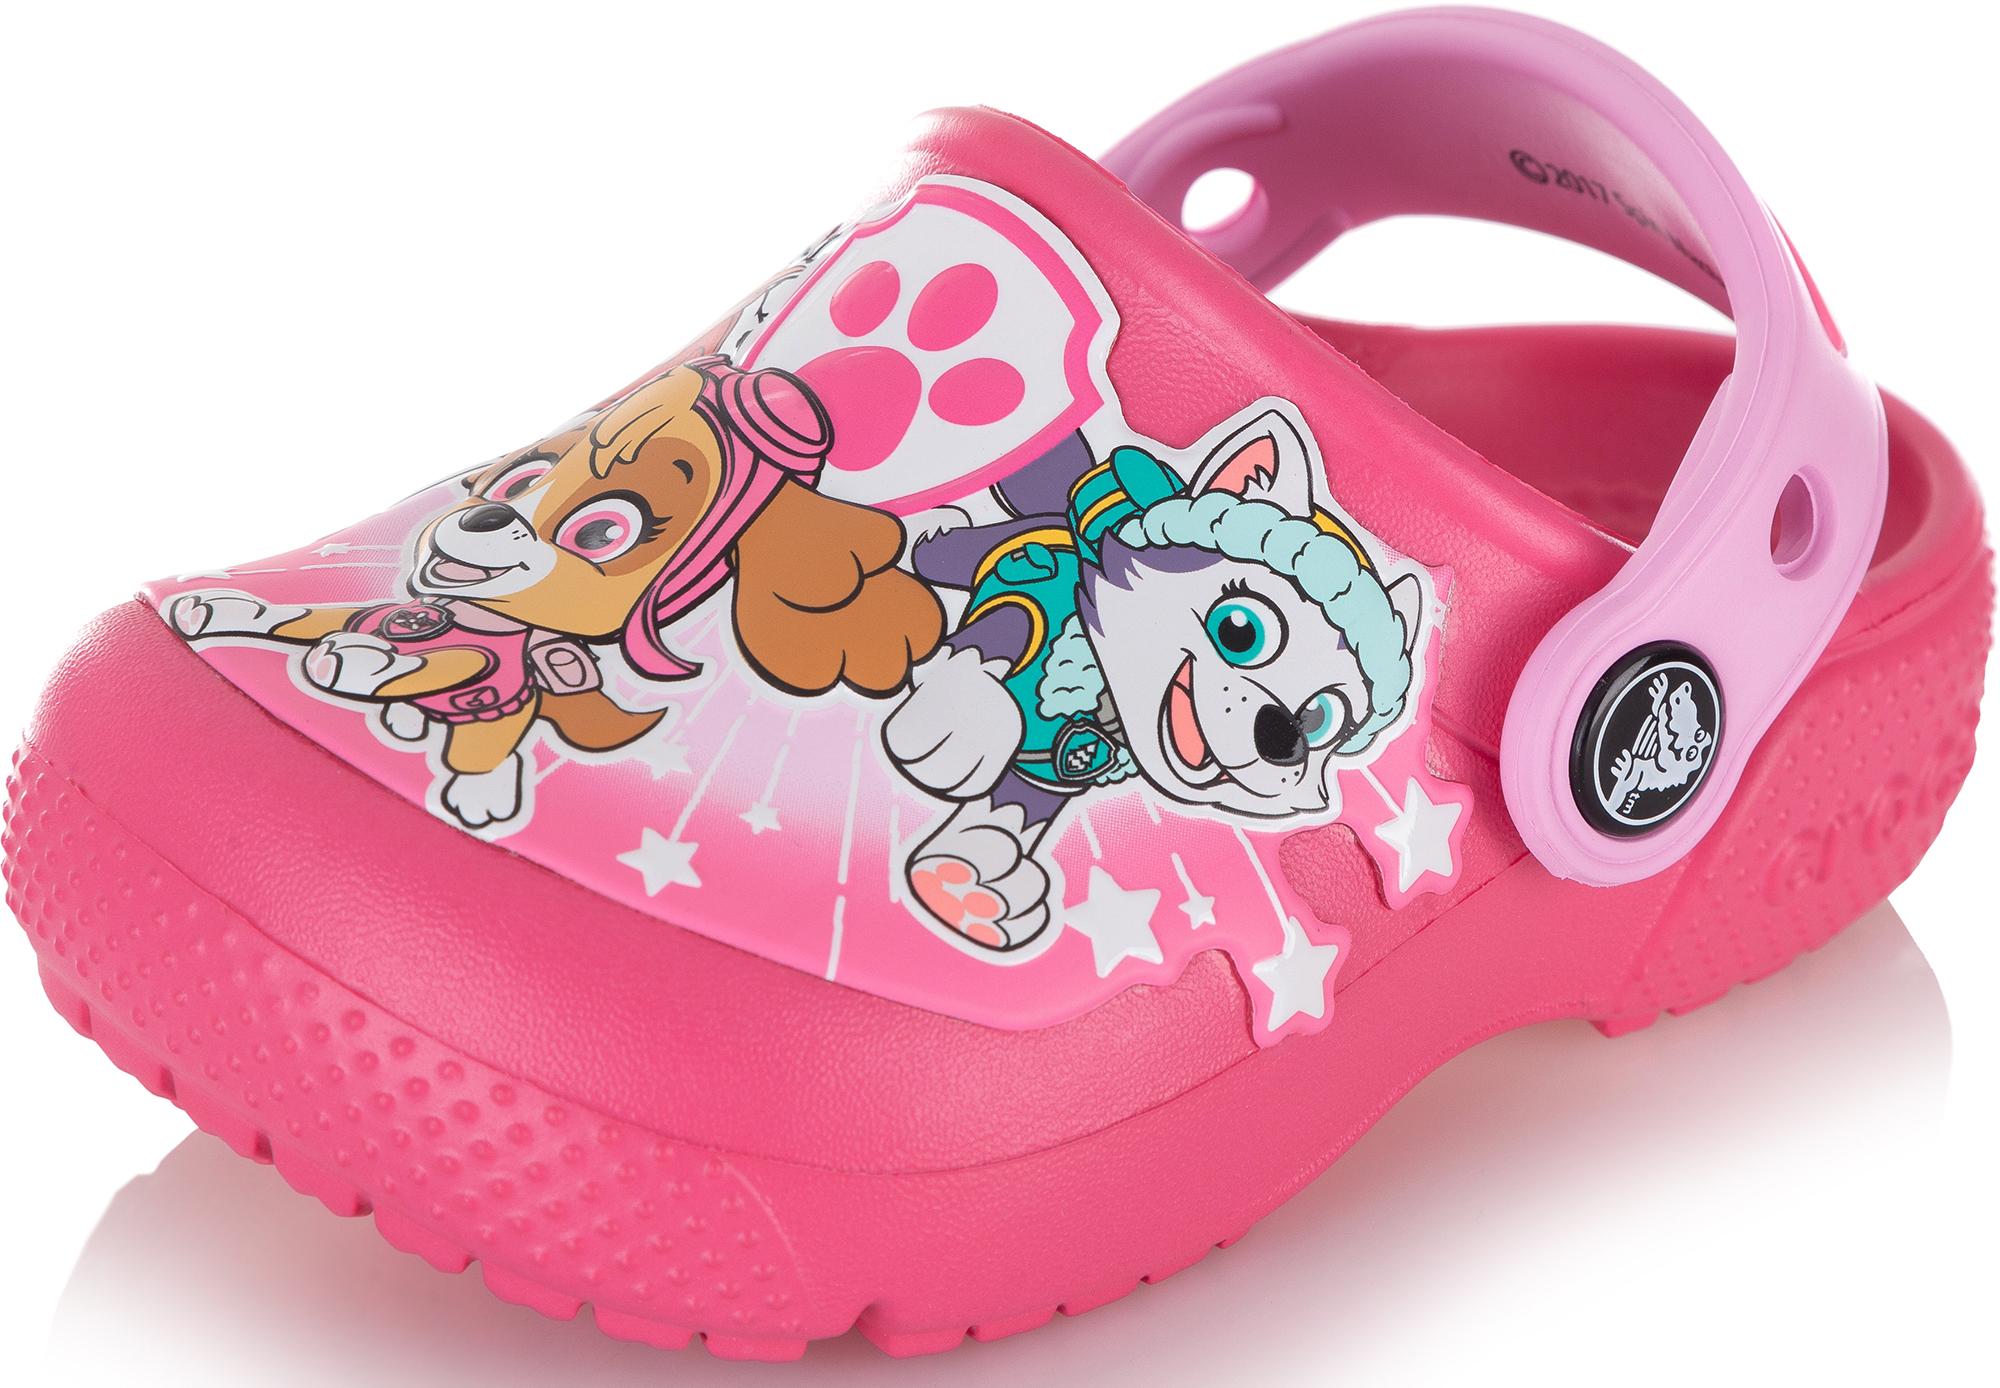 Crocs Шлепанцы для девочек FunLab Paw Patrol Clogs, размер 25